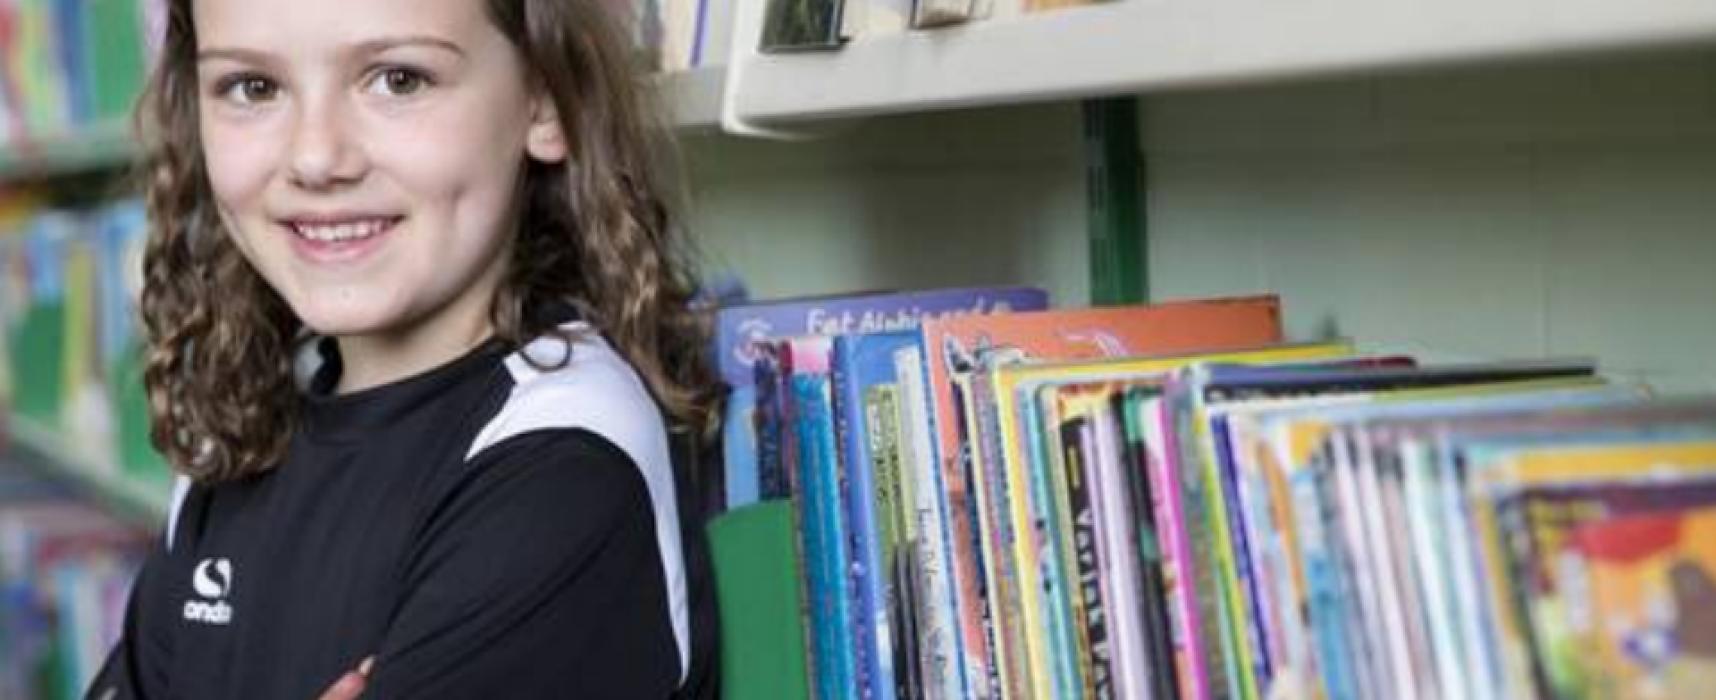 Çocuk kitaplarında cinsiyet ayrımcılığı